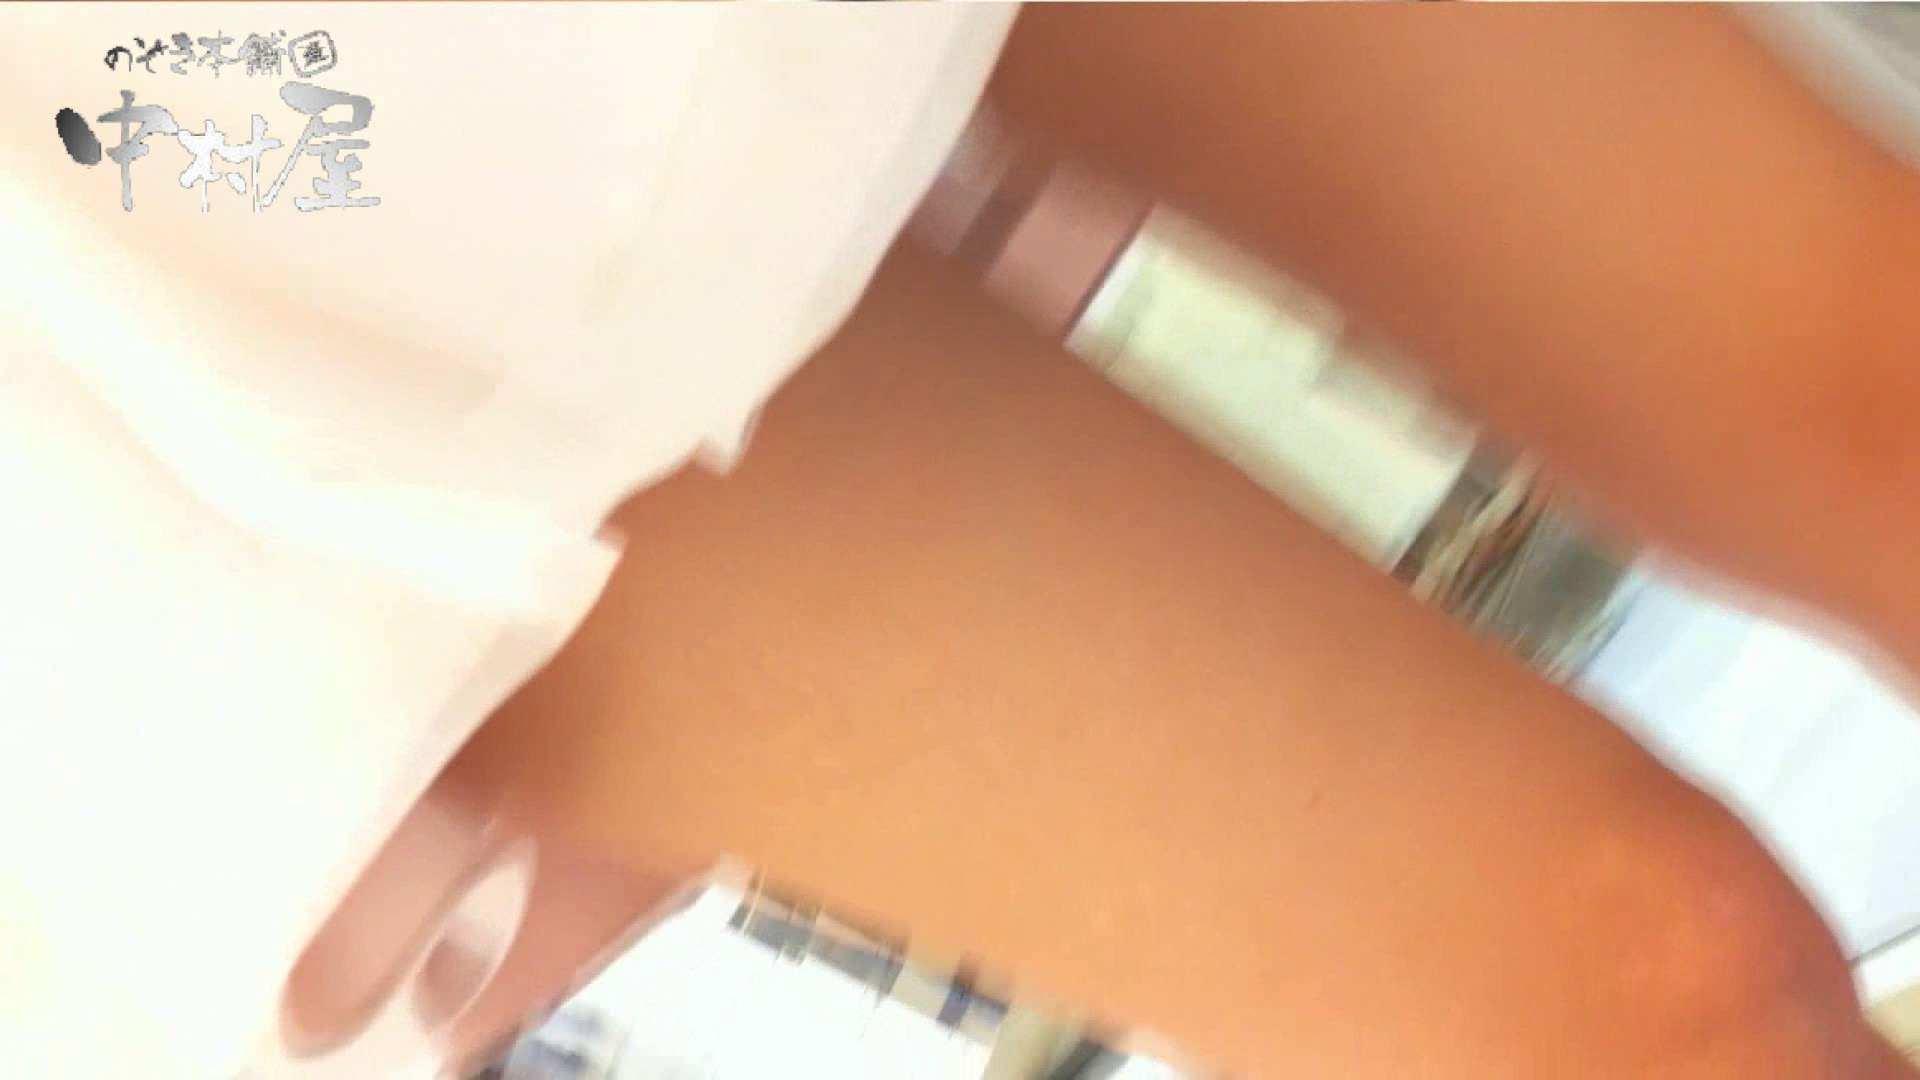 vol.61 美人アパレル胸チラ&パンチラ テカピンクのおパンツさん 接写 アダルト動画キャプチャ 107PIX 19